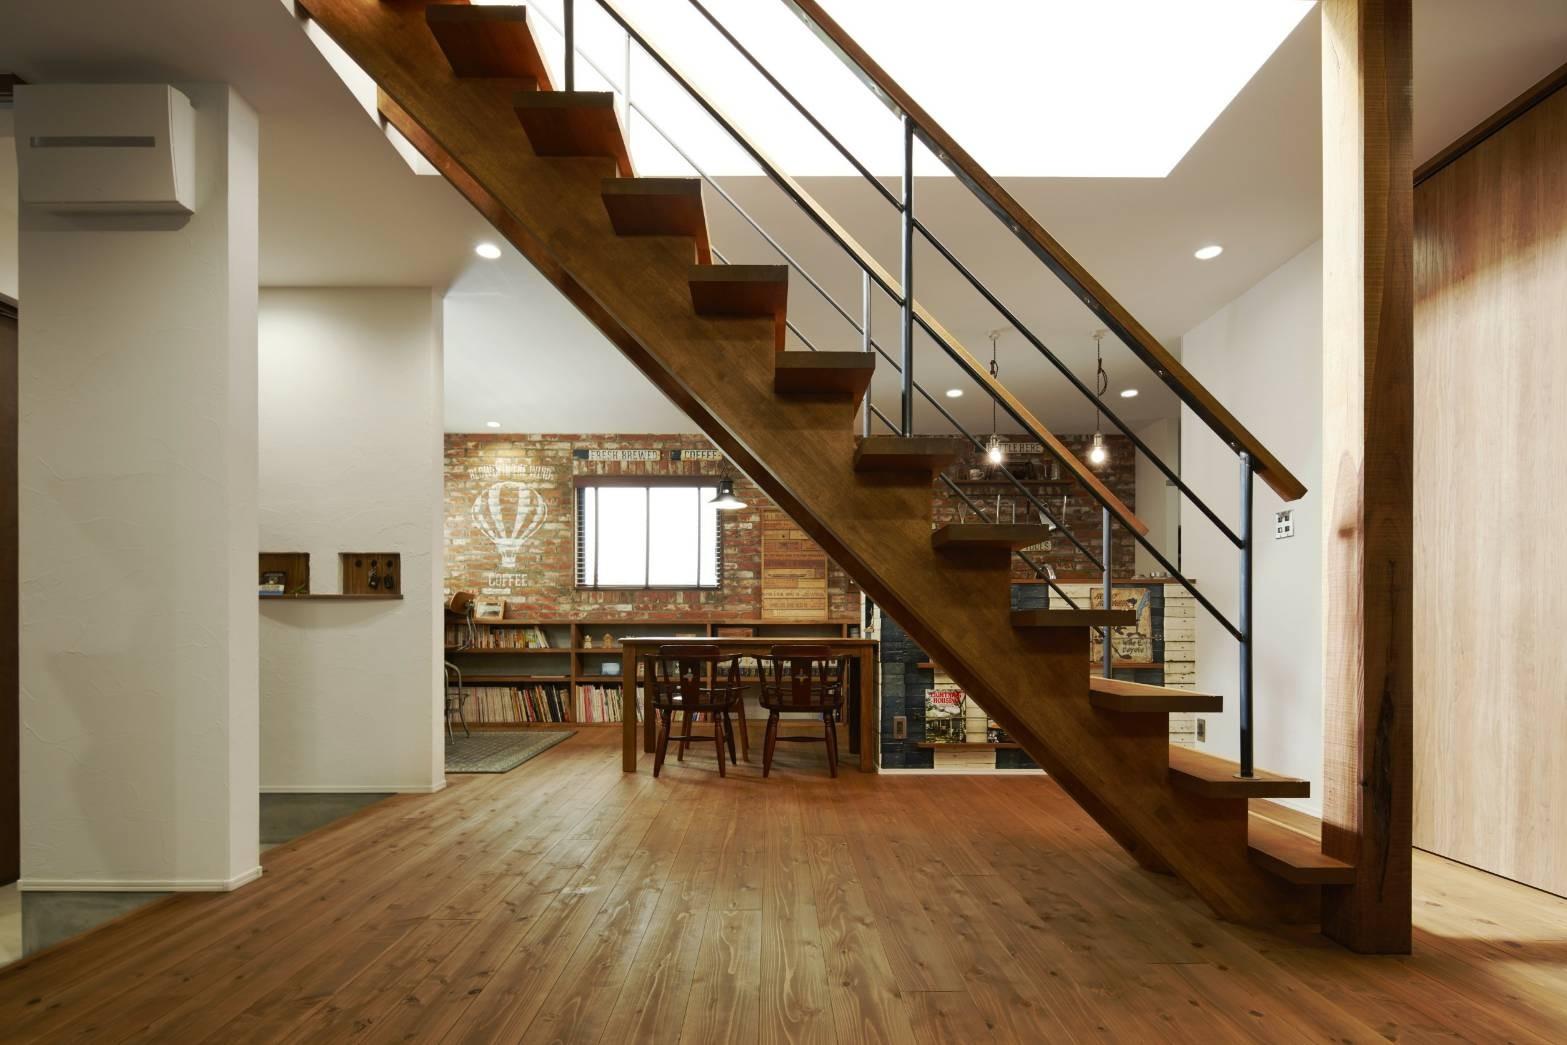 リビングダイニング事例:ゴムの木のストリップ階段(本物にこだわったカフェのようなダイニング)